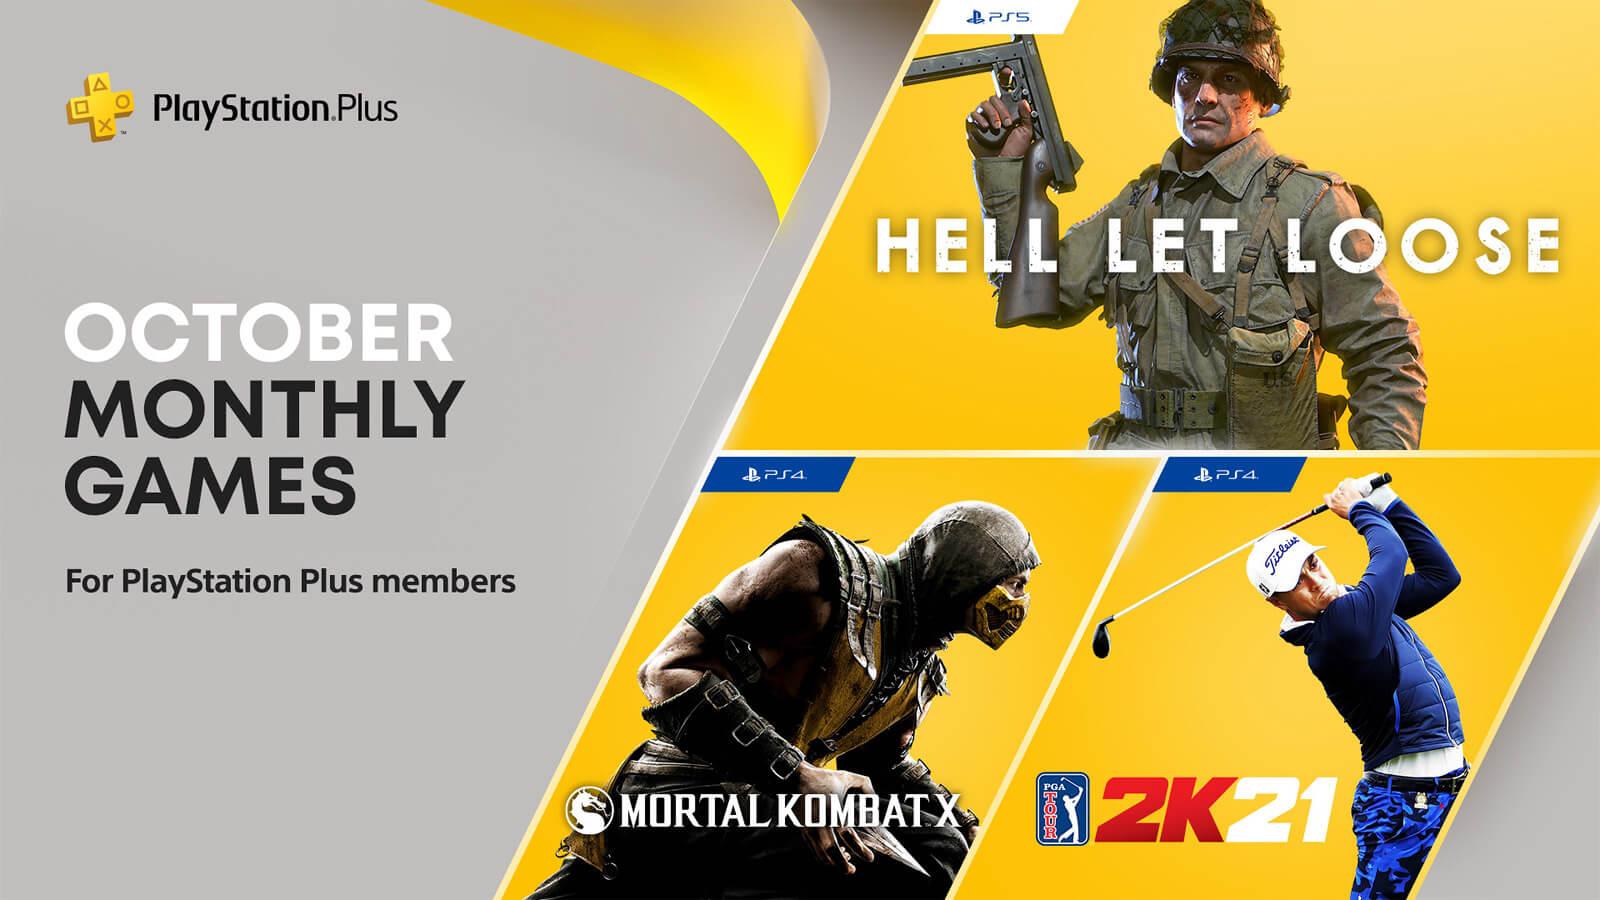 Jogos: PS Plus de outubro terá Hell Let Loose, PGA Tour 2K21 e Mortal Kombat X